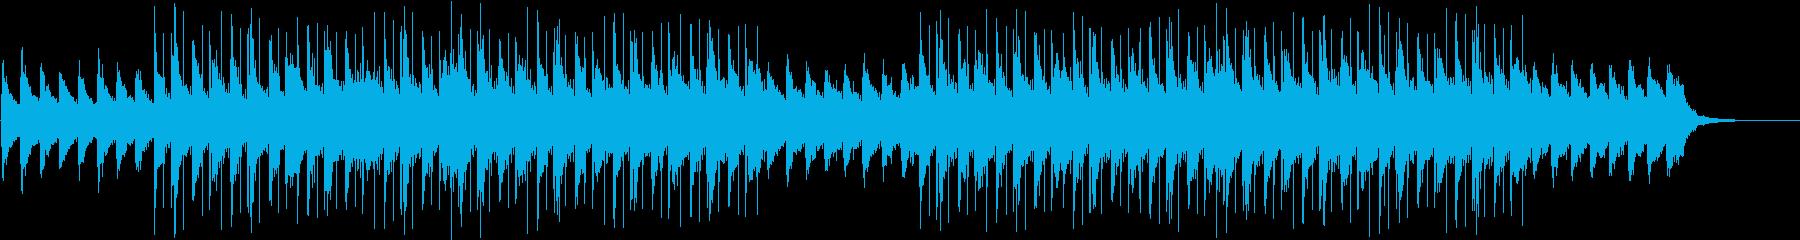 おしゃれ、トラップ、チルアウトの再生済みの波形